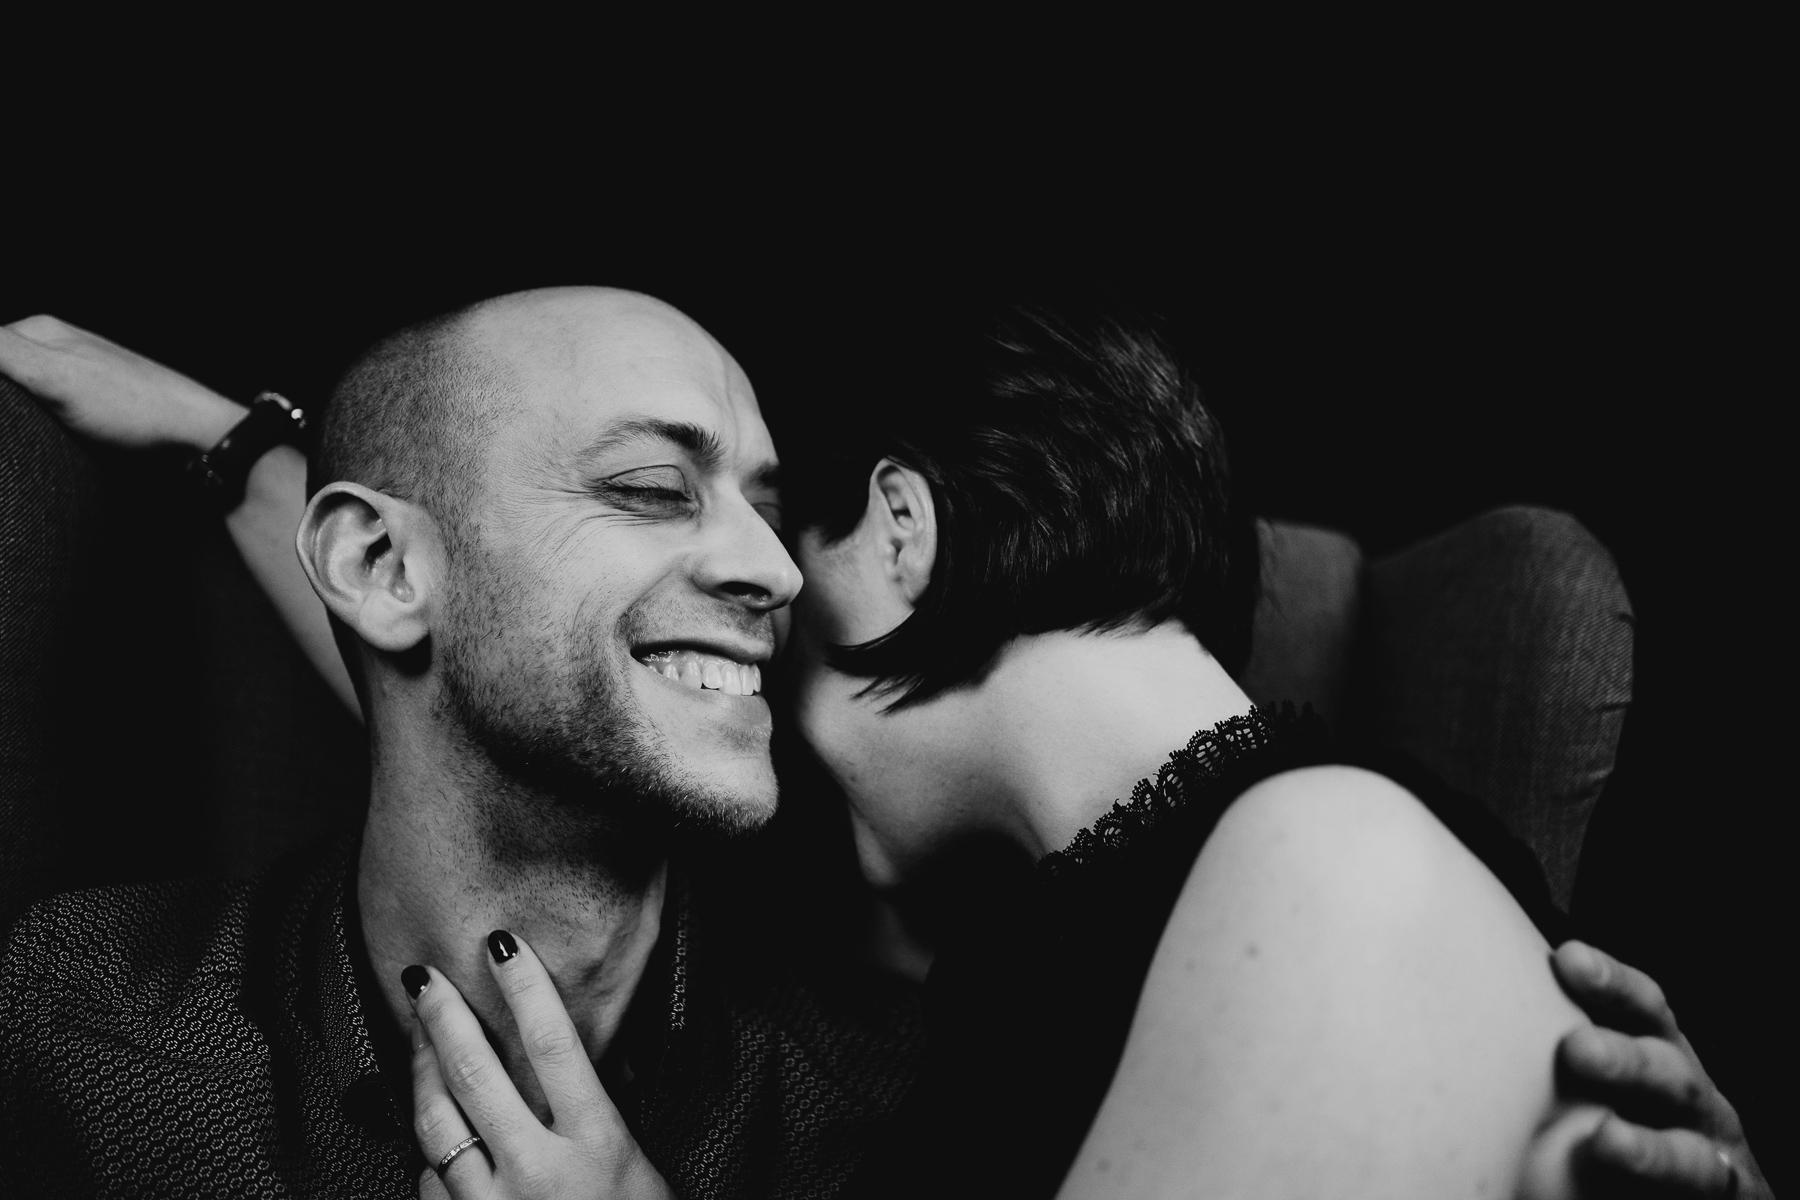 Shooting couple noir blanc photographe pluie 3